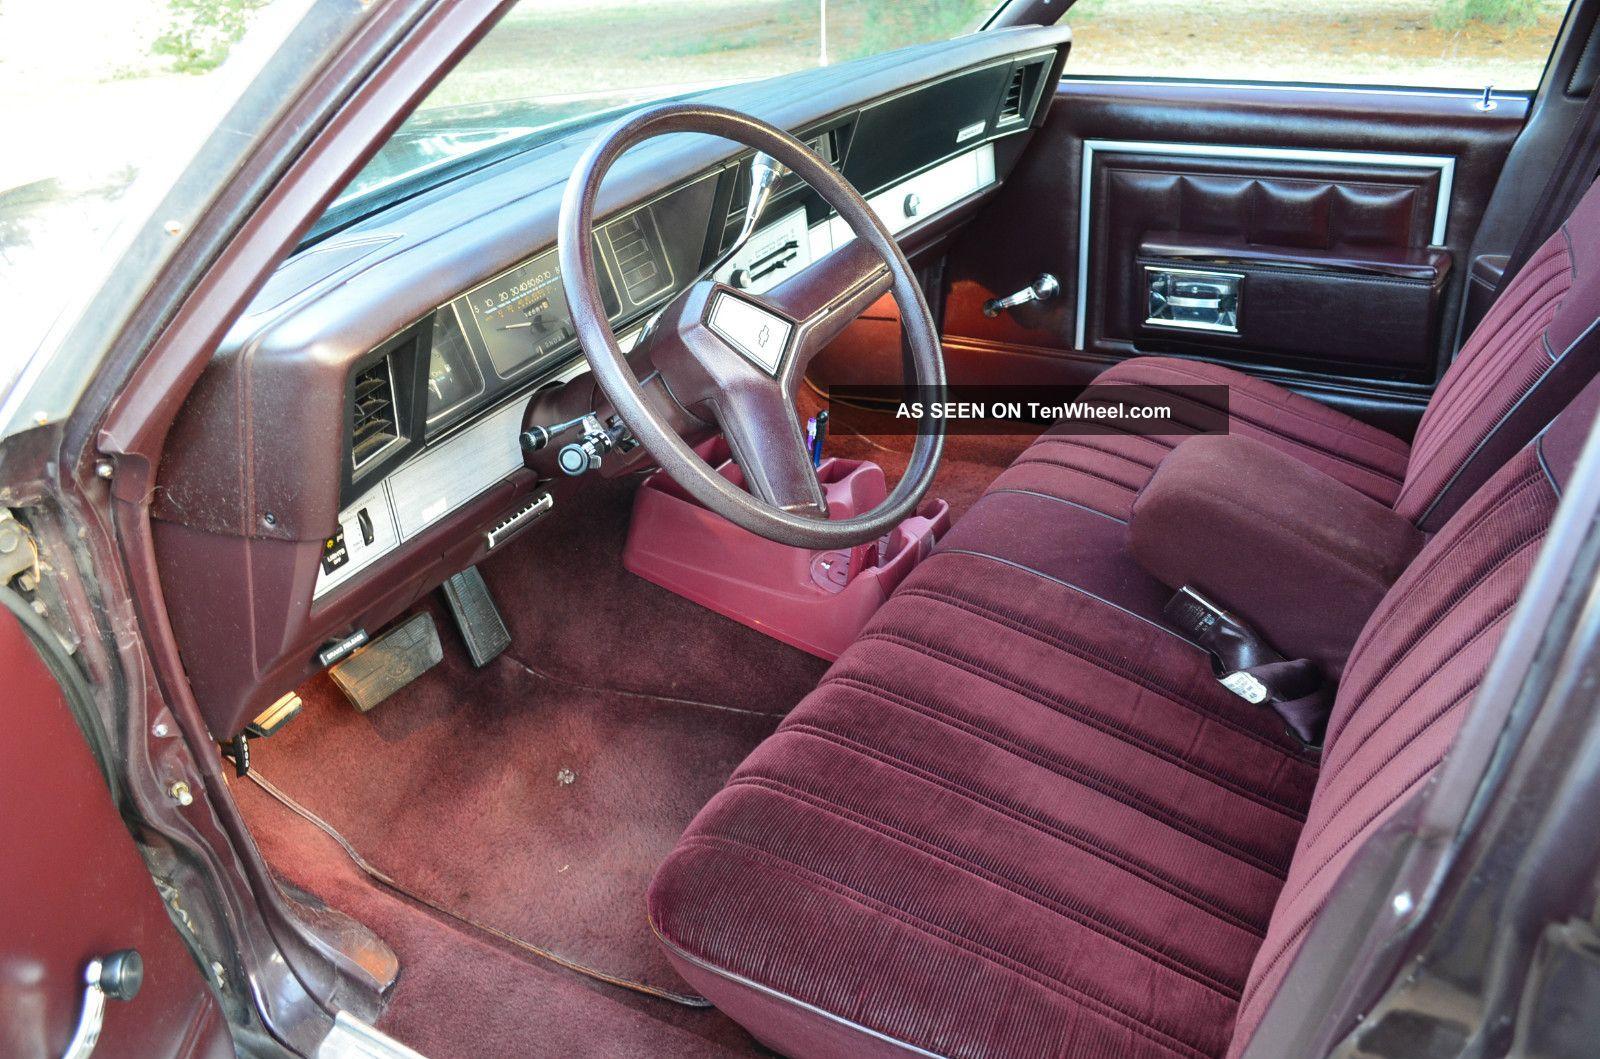 1985 chevrolet caprice classic sedan 4 door 4 3l tenwheel